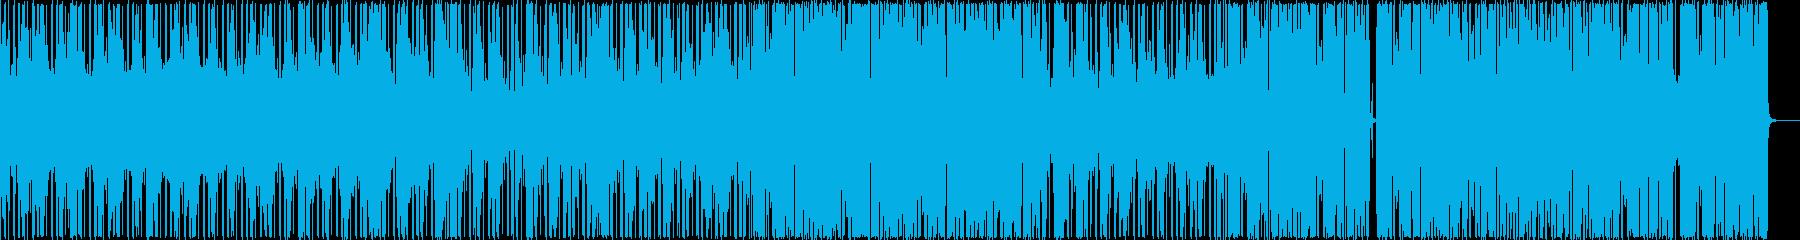 スローでリラックス、休憩場面に合うポップの再生済みの波形